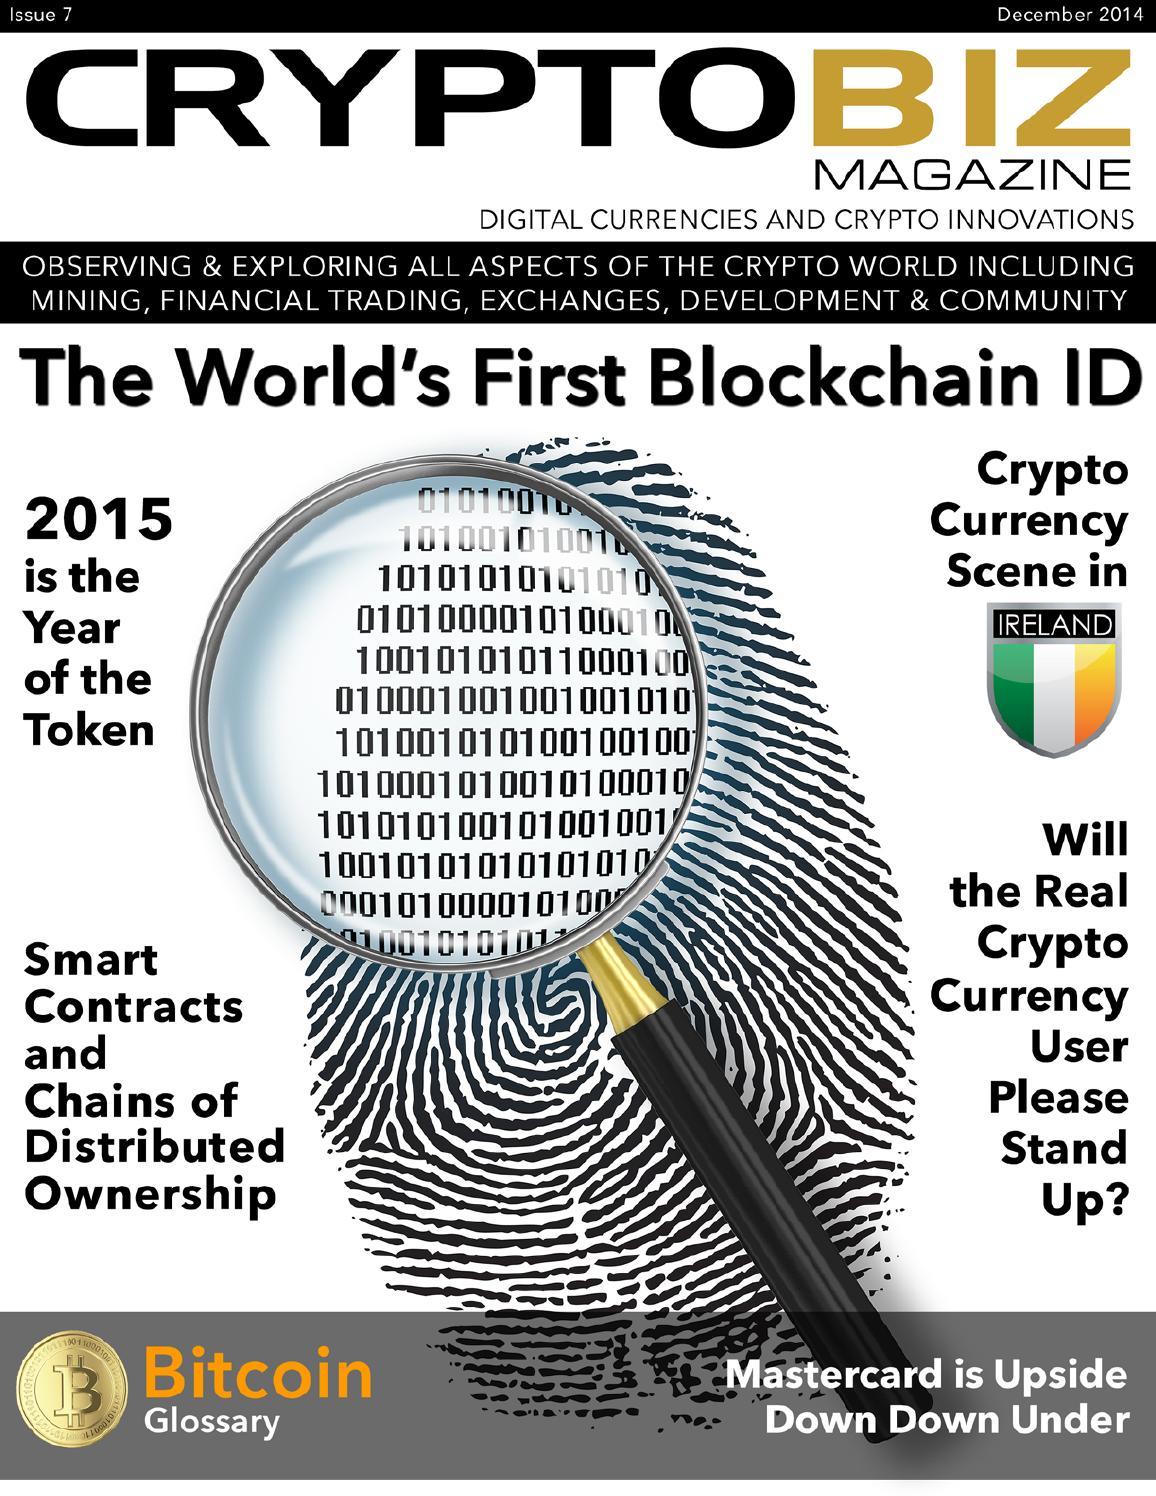 December 2014 CryptoBiz Magazine, Issue 07 by CryptoBiz